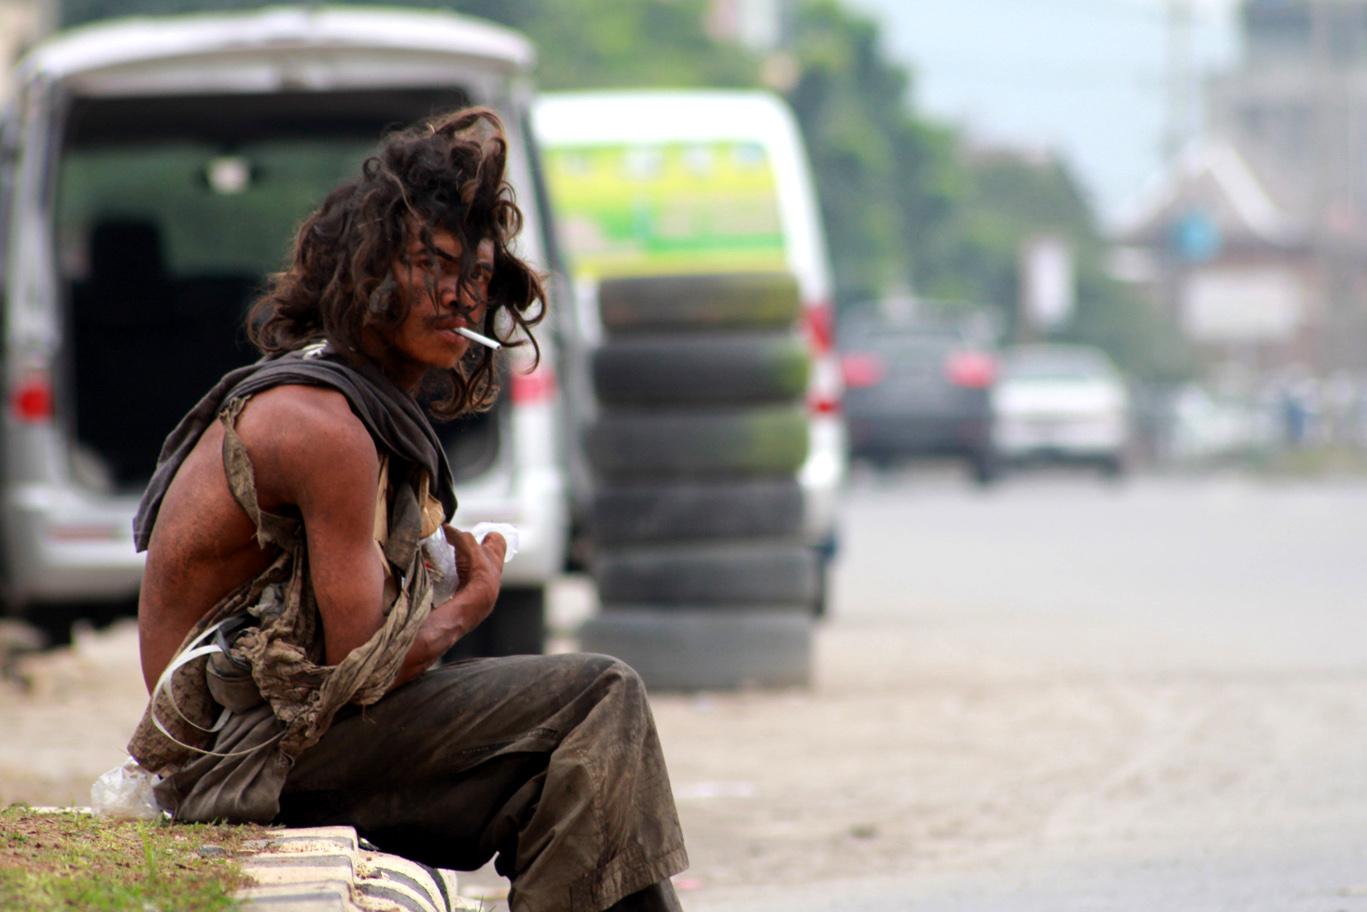 Orang gila yang merokok di Jalan Soekarno-Hatta, Tanjung Seneng. (Foto: Lampungnews/El Shinta).